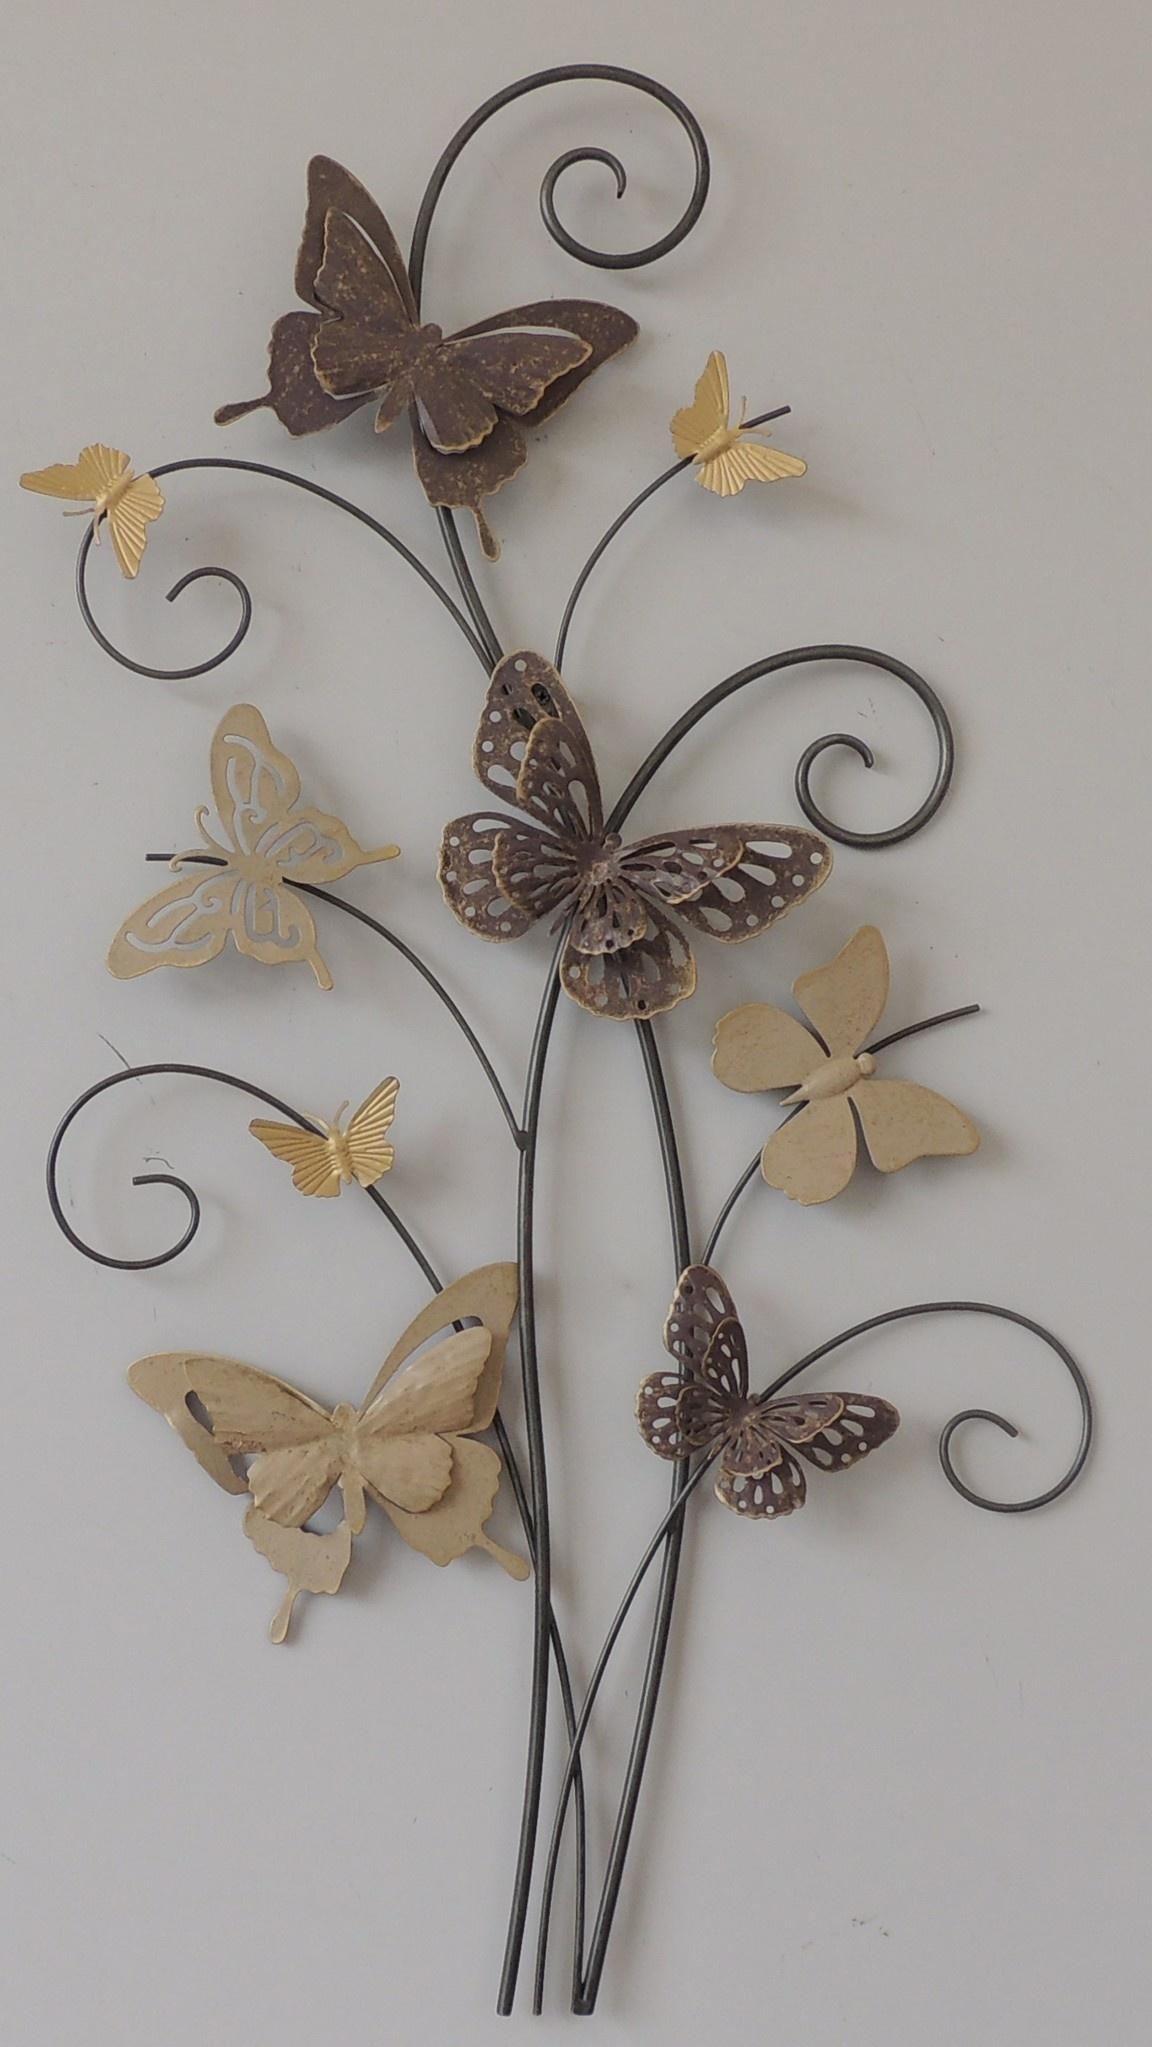 Wanddekoration 3d Branch mit 9 Schmetterlingen